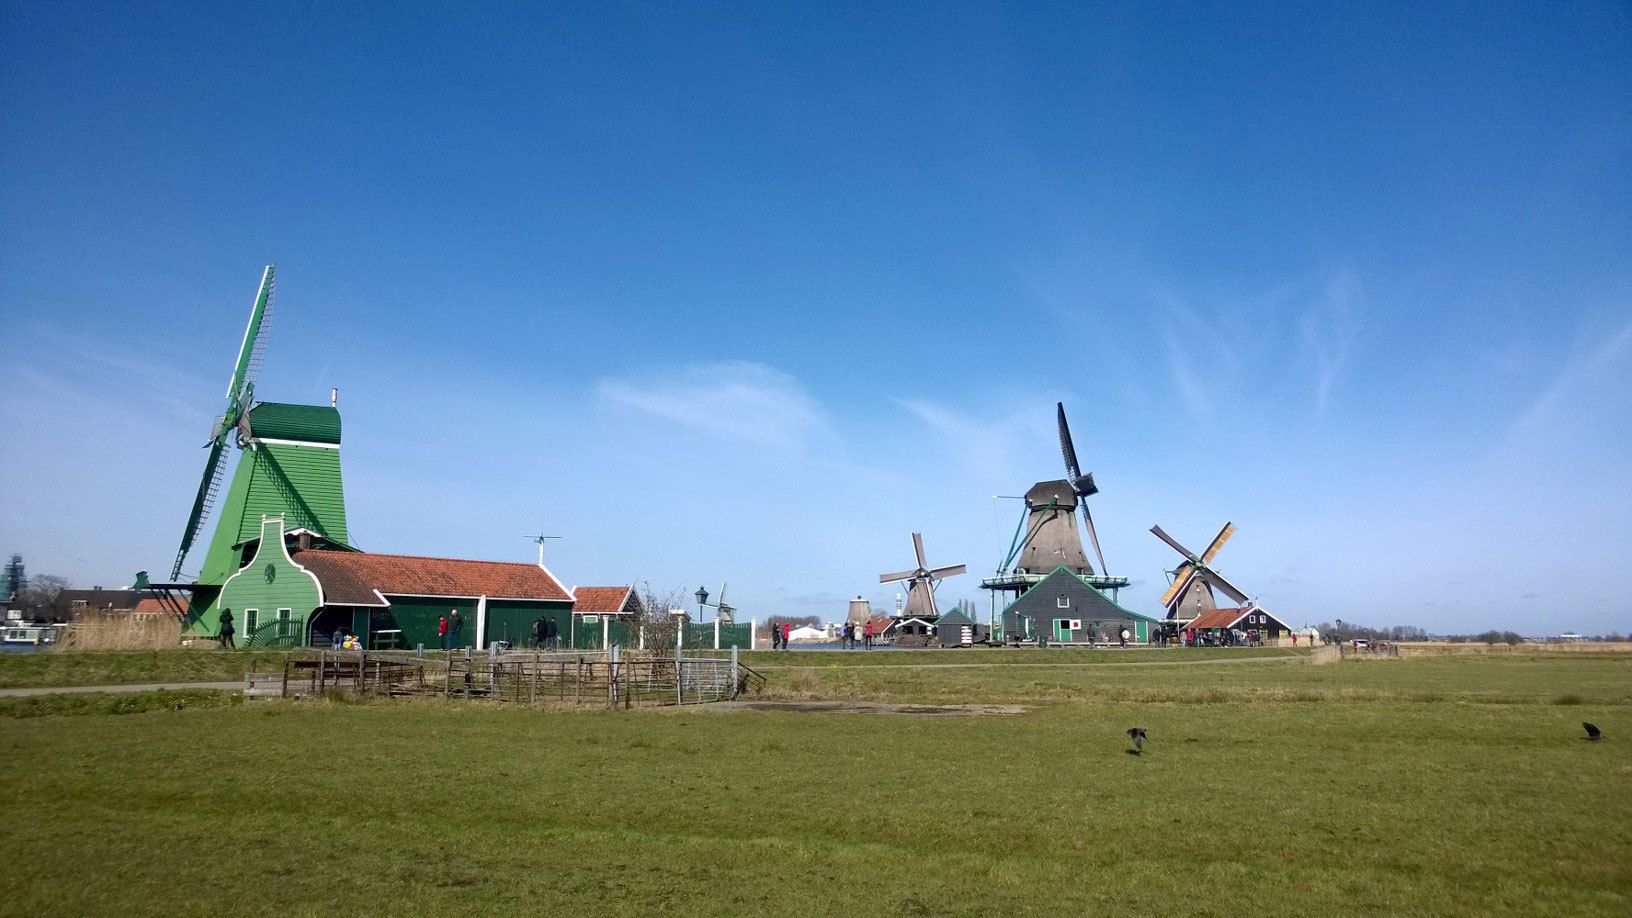 Windmills in Zaanse Shans